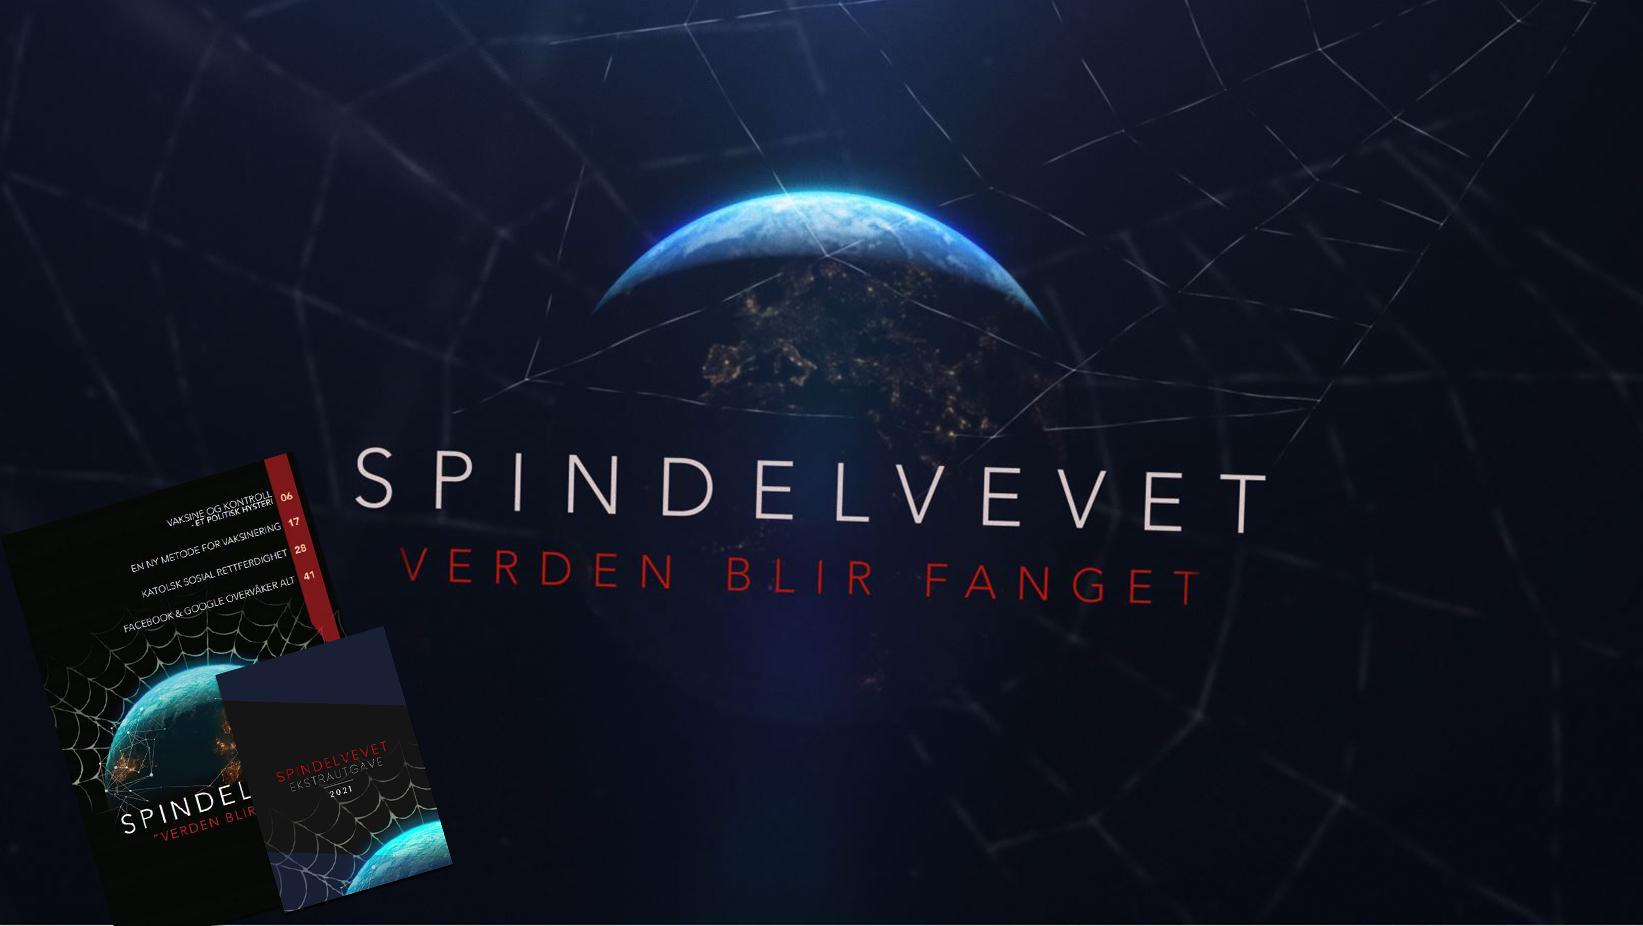 SPINDELVEVET (klikk her)